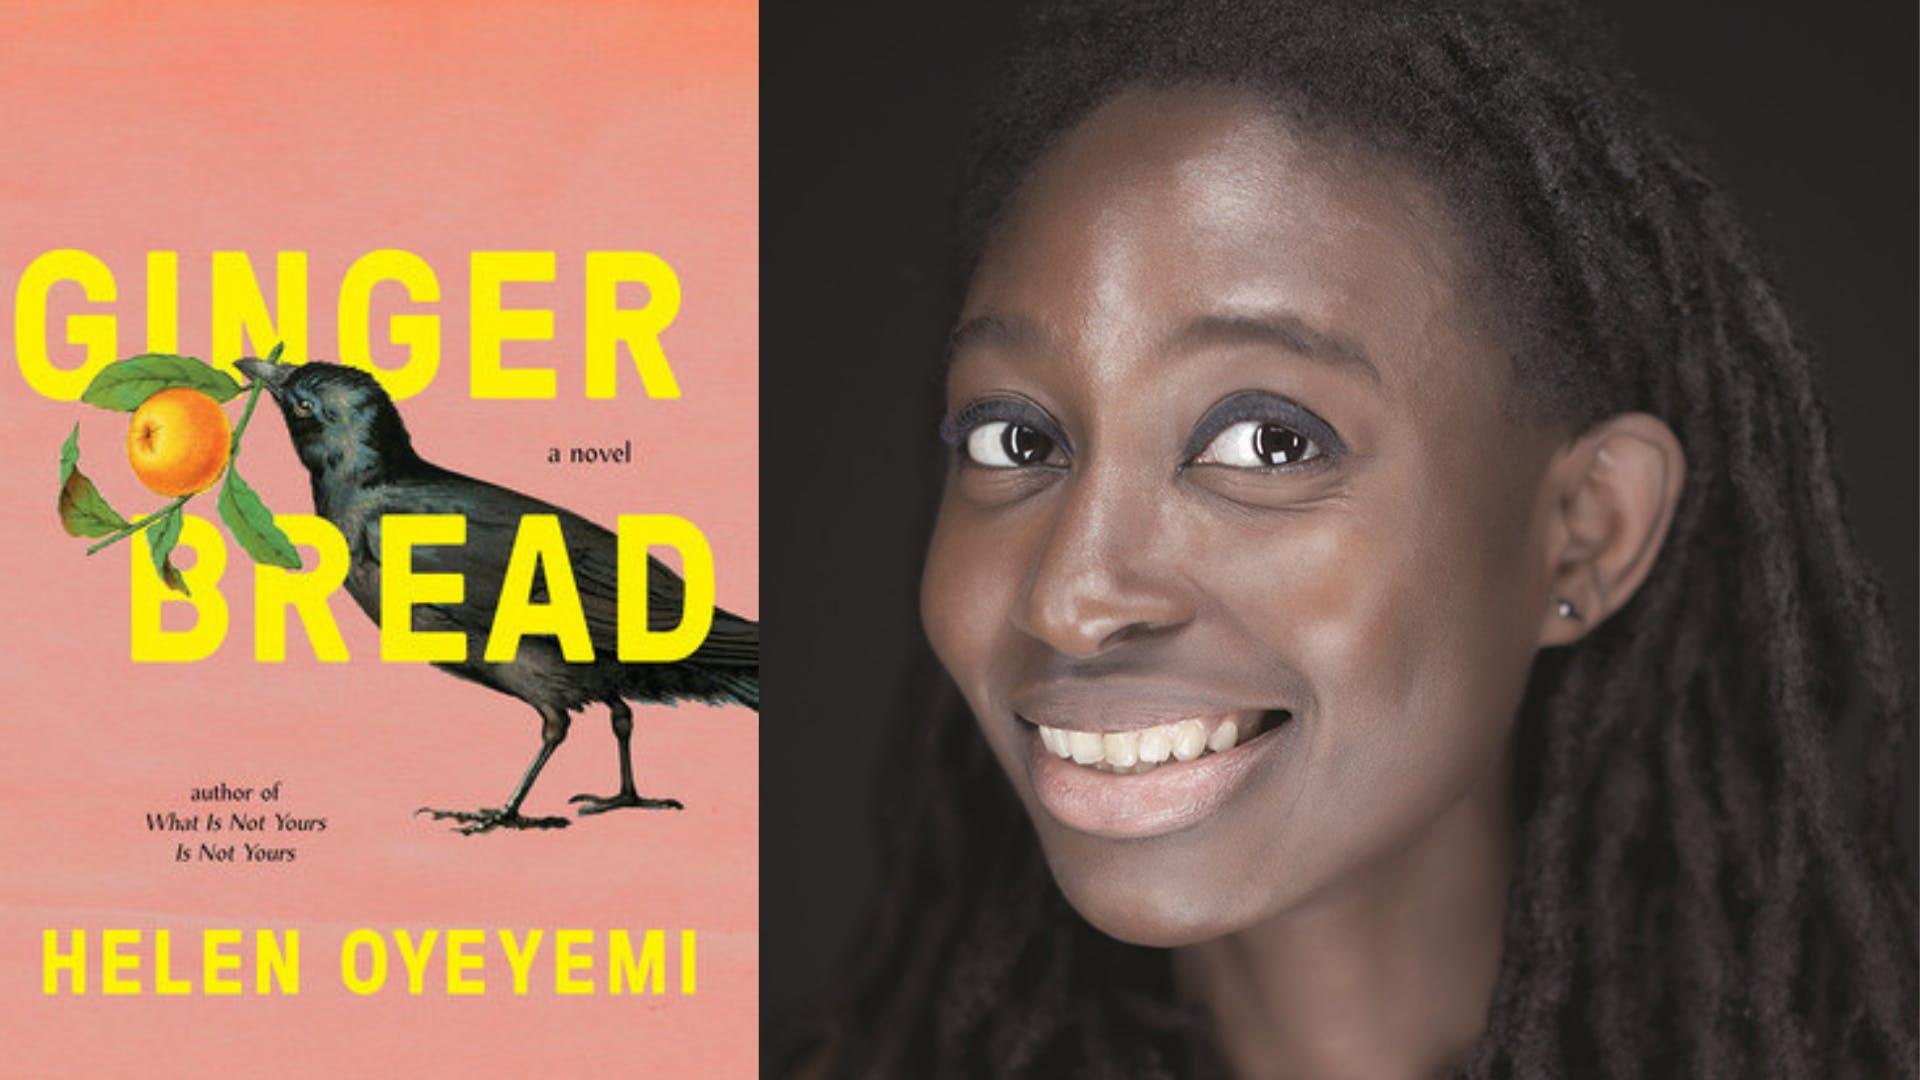 Helen Oyeyemi: Making Gingerbread